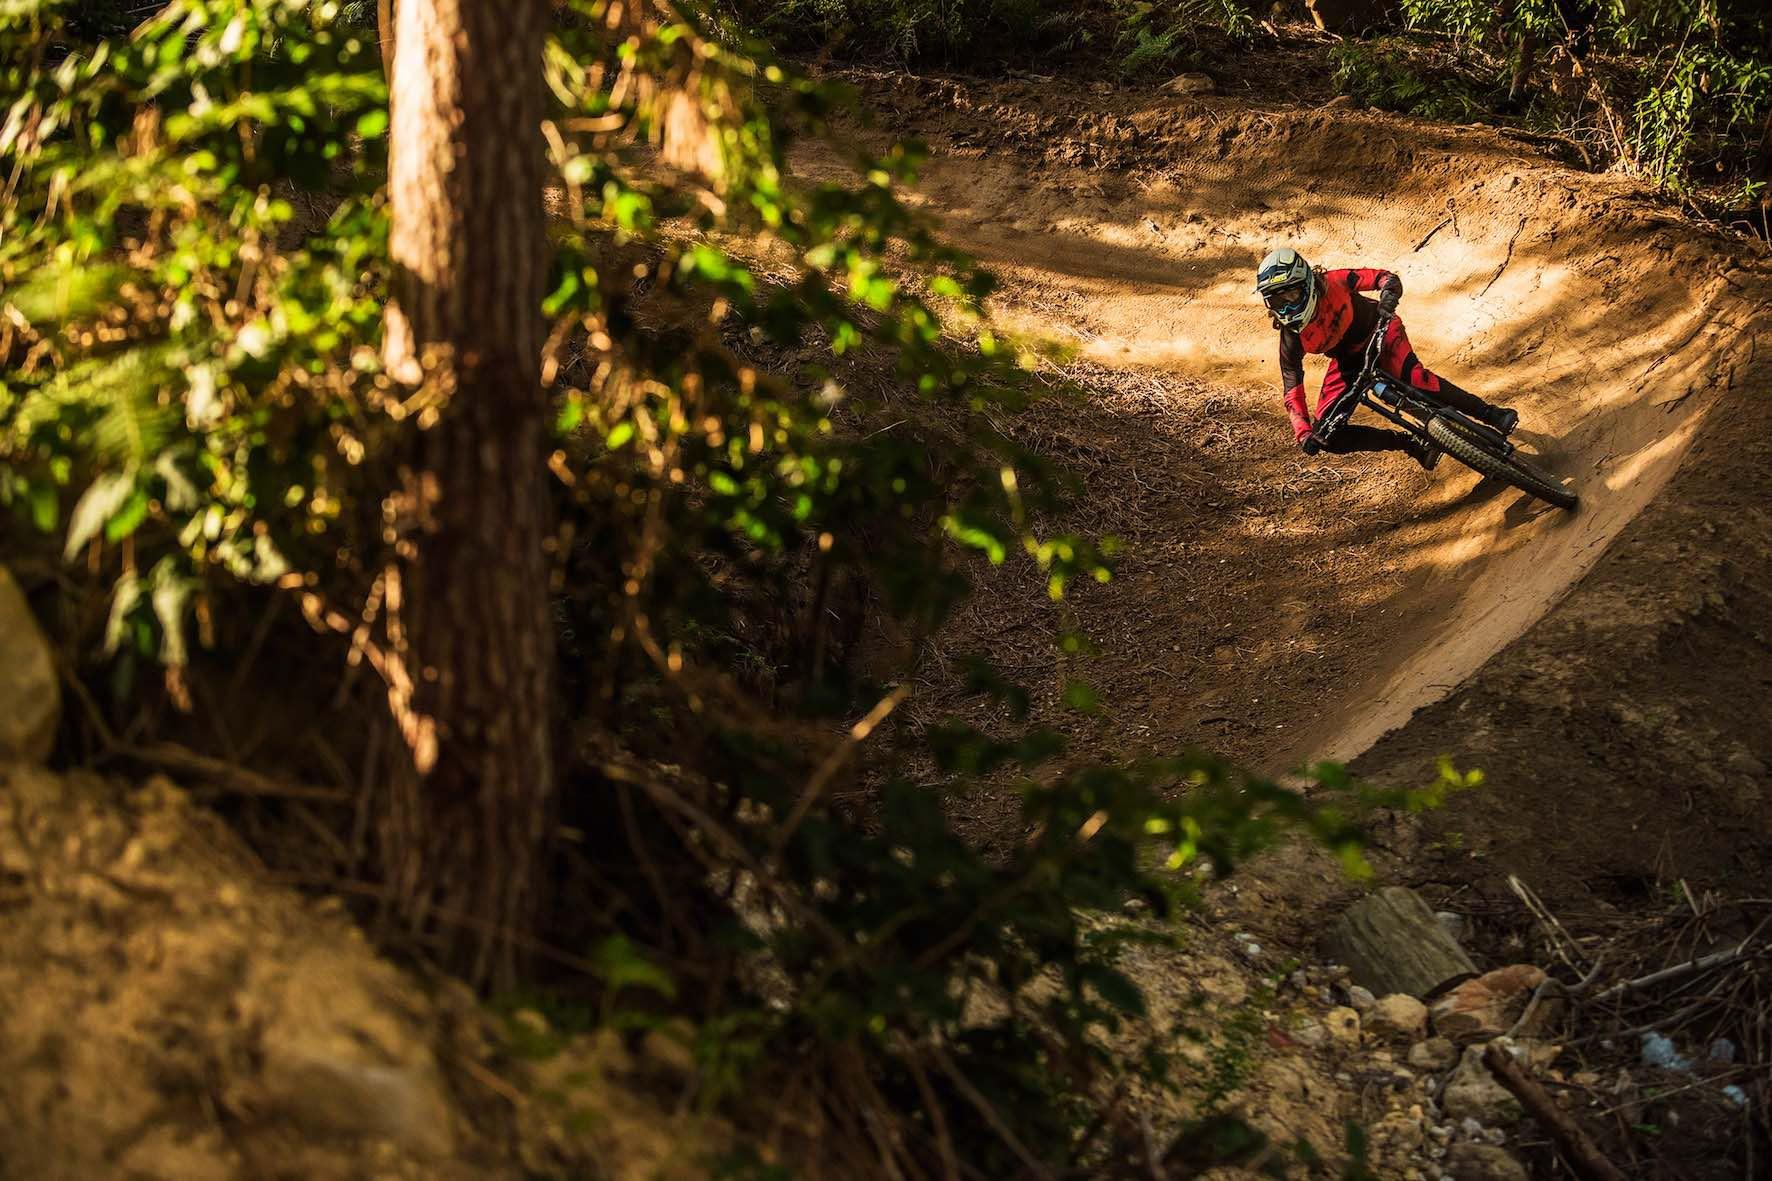 Downhill MTB riding in Cape Town with Jasper Barrett